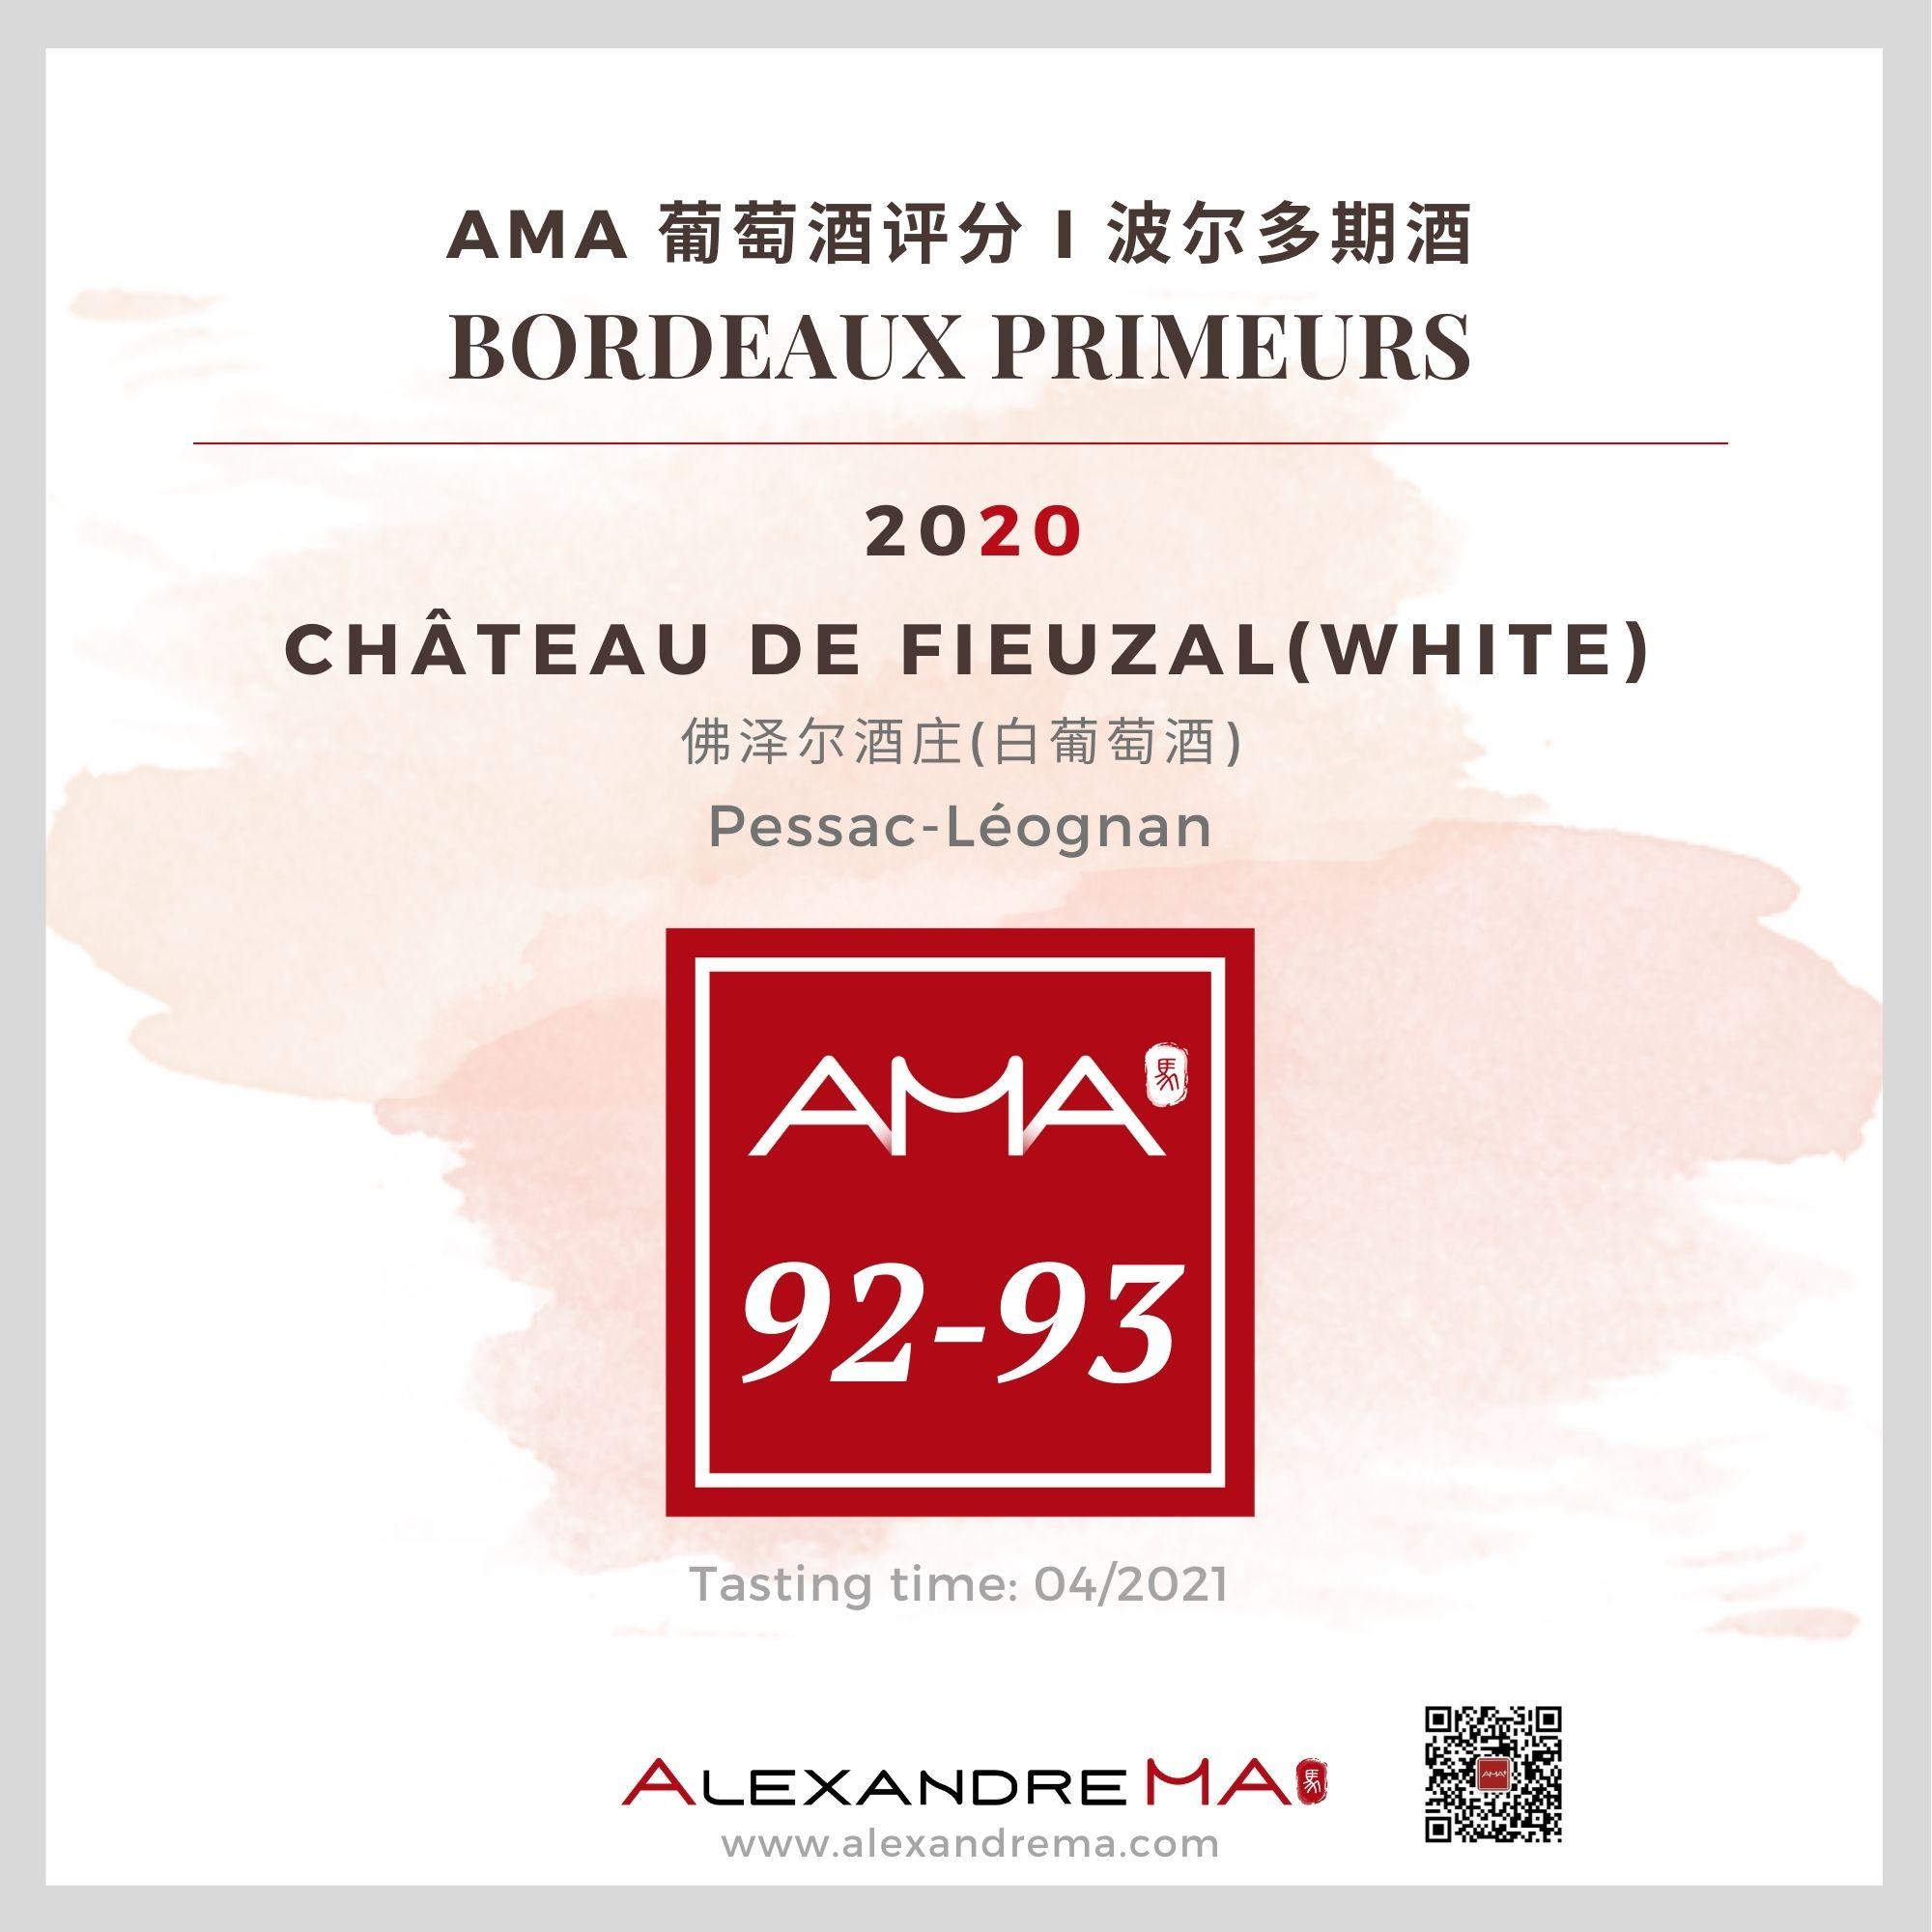 Château de Fieuzal White 2020 佛泽尔酒庄 - Alexandre Ma